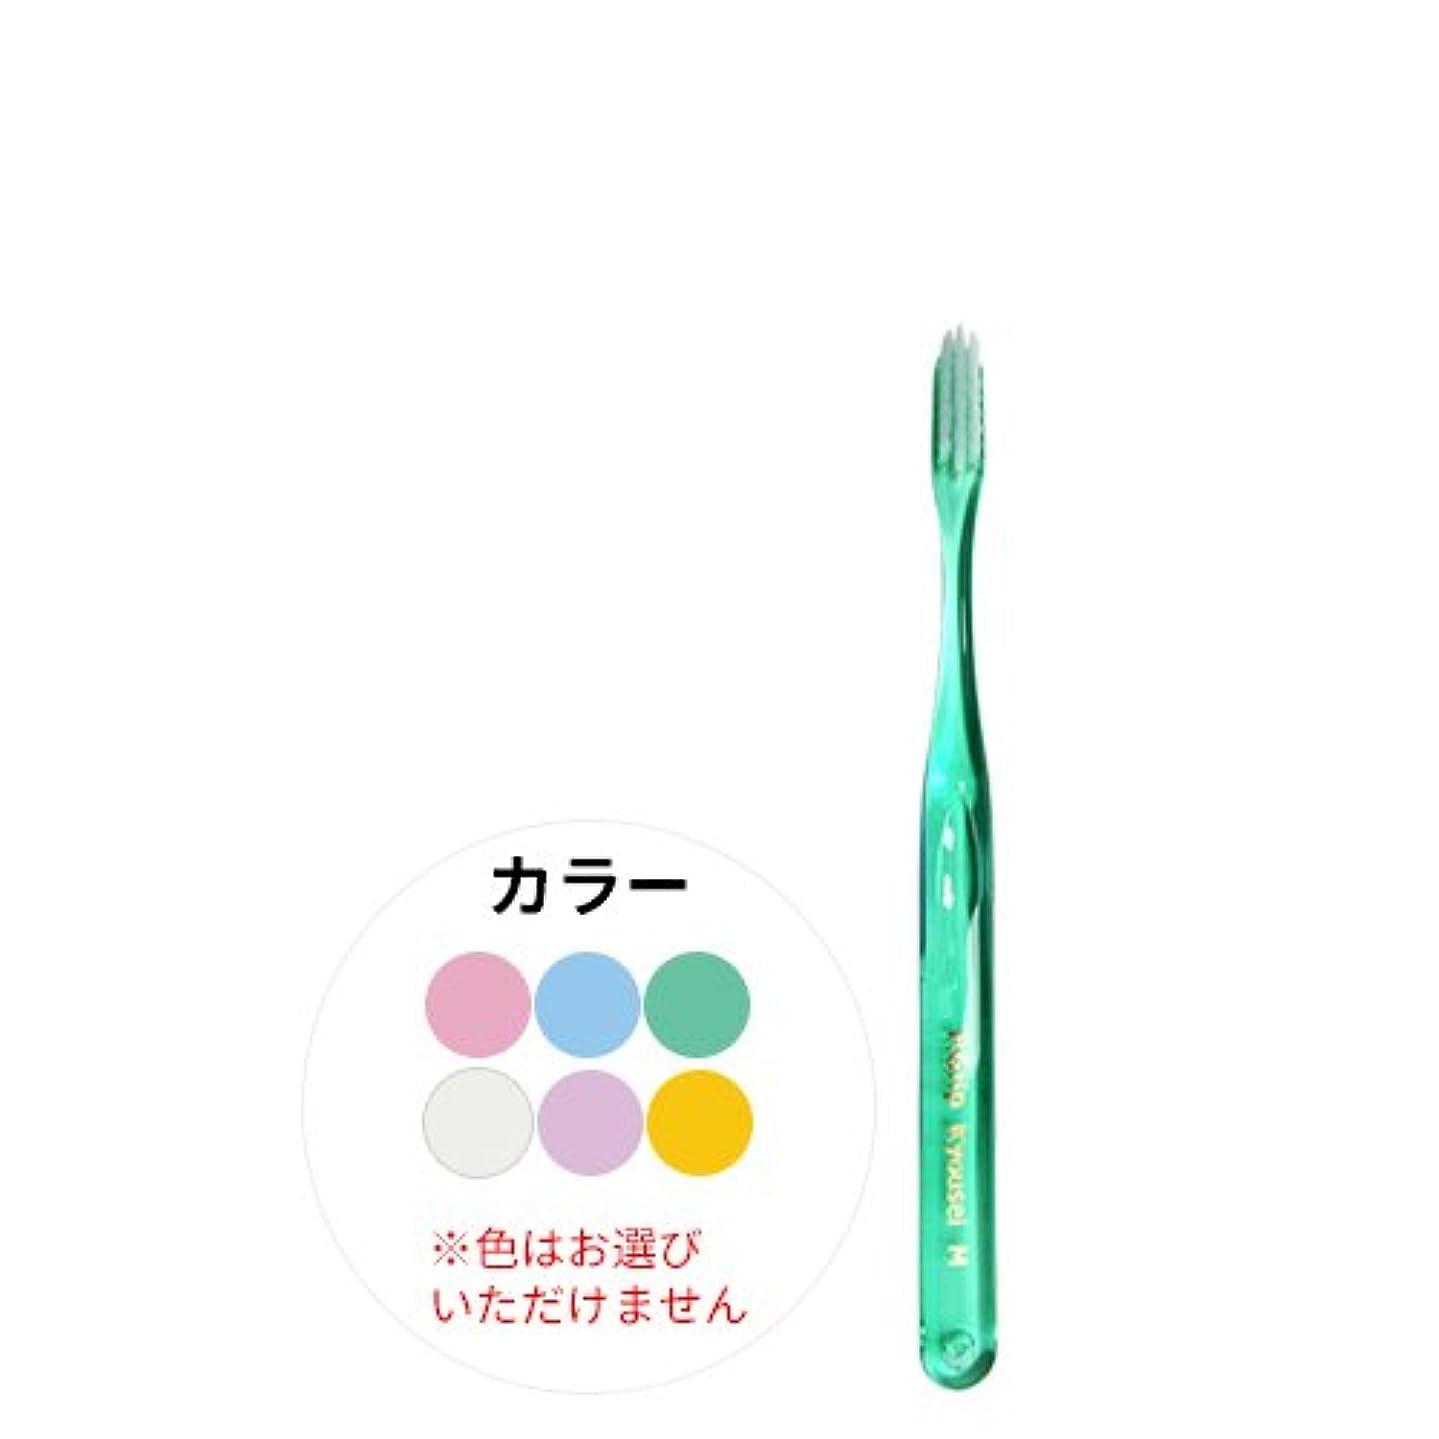 筋二年生ポップP.D.R.(ピーディーアール) P.Grip(ピーグリップ)矯正用 四段植毛 歯ブラシ × 1本